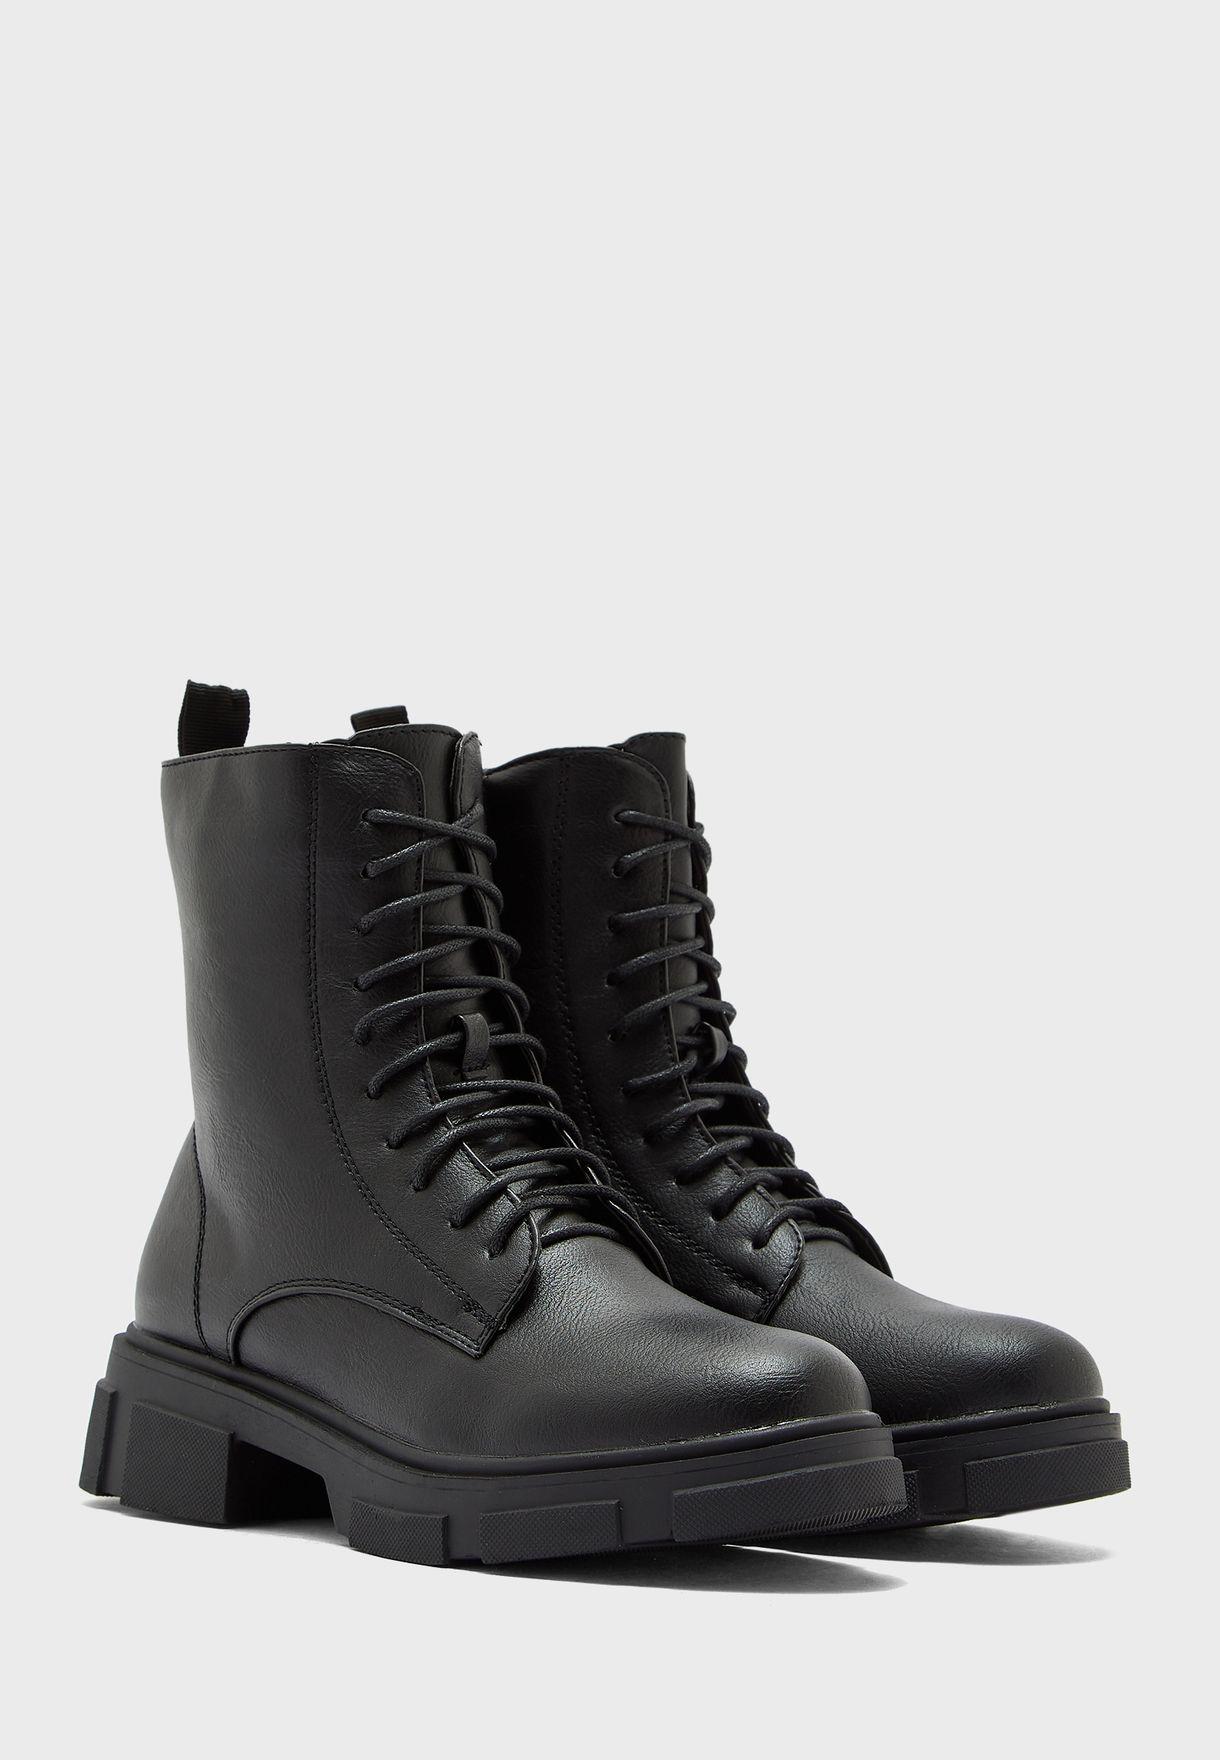 Pu Military Boot